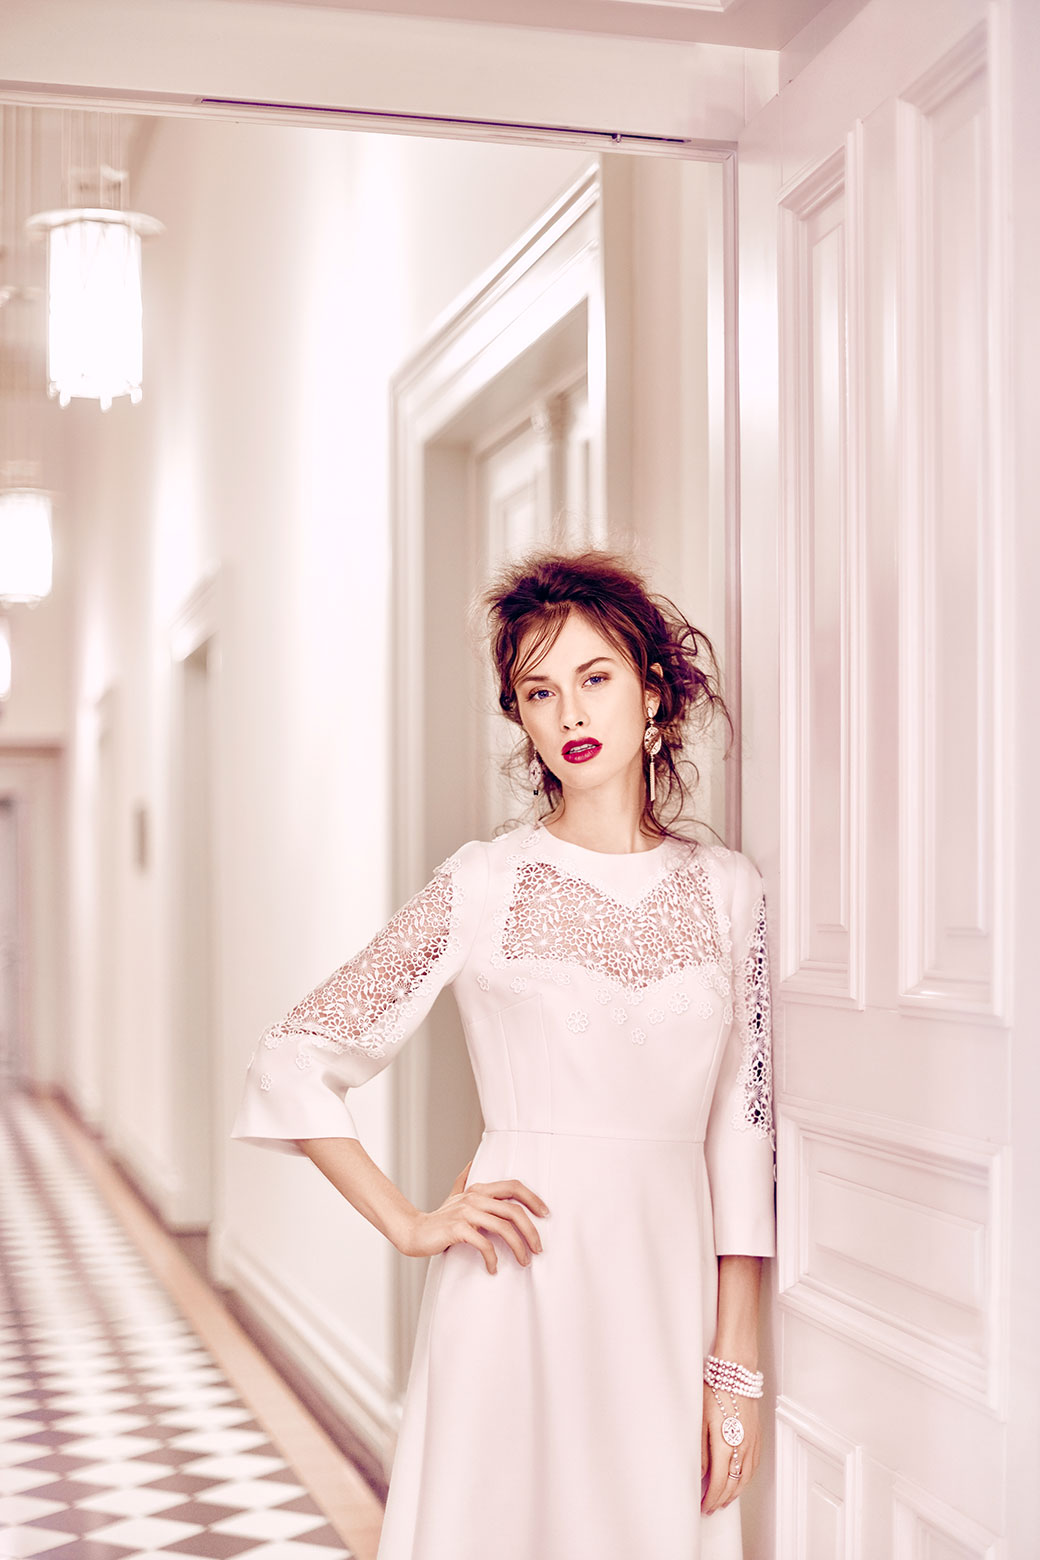 Pouzdrové šaty - s krajkovými vsadkami<br>foto - Ondřej Košík, makeup and hair - Natálie Hostačná, šperky - Style Avenue<br>hotel Boscolo Prague